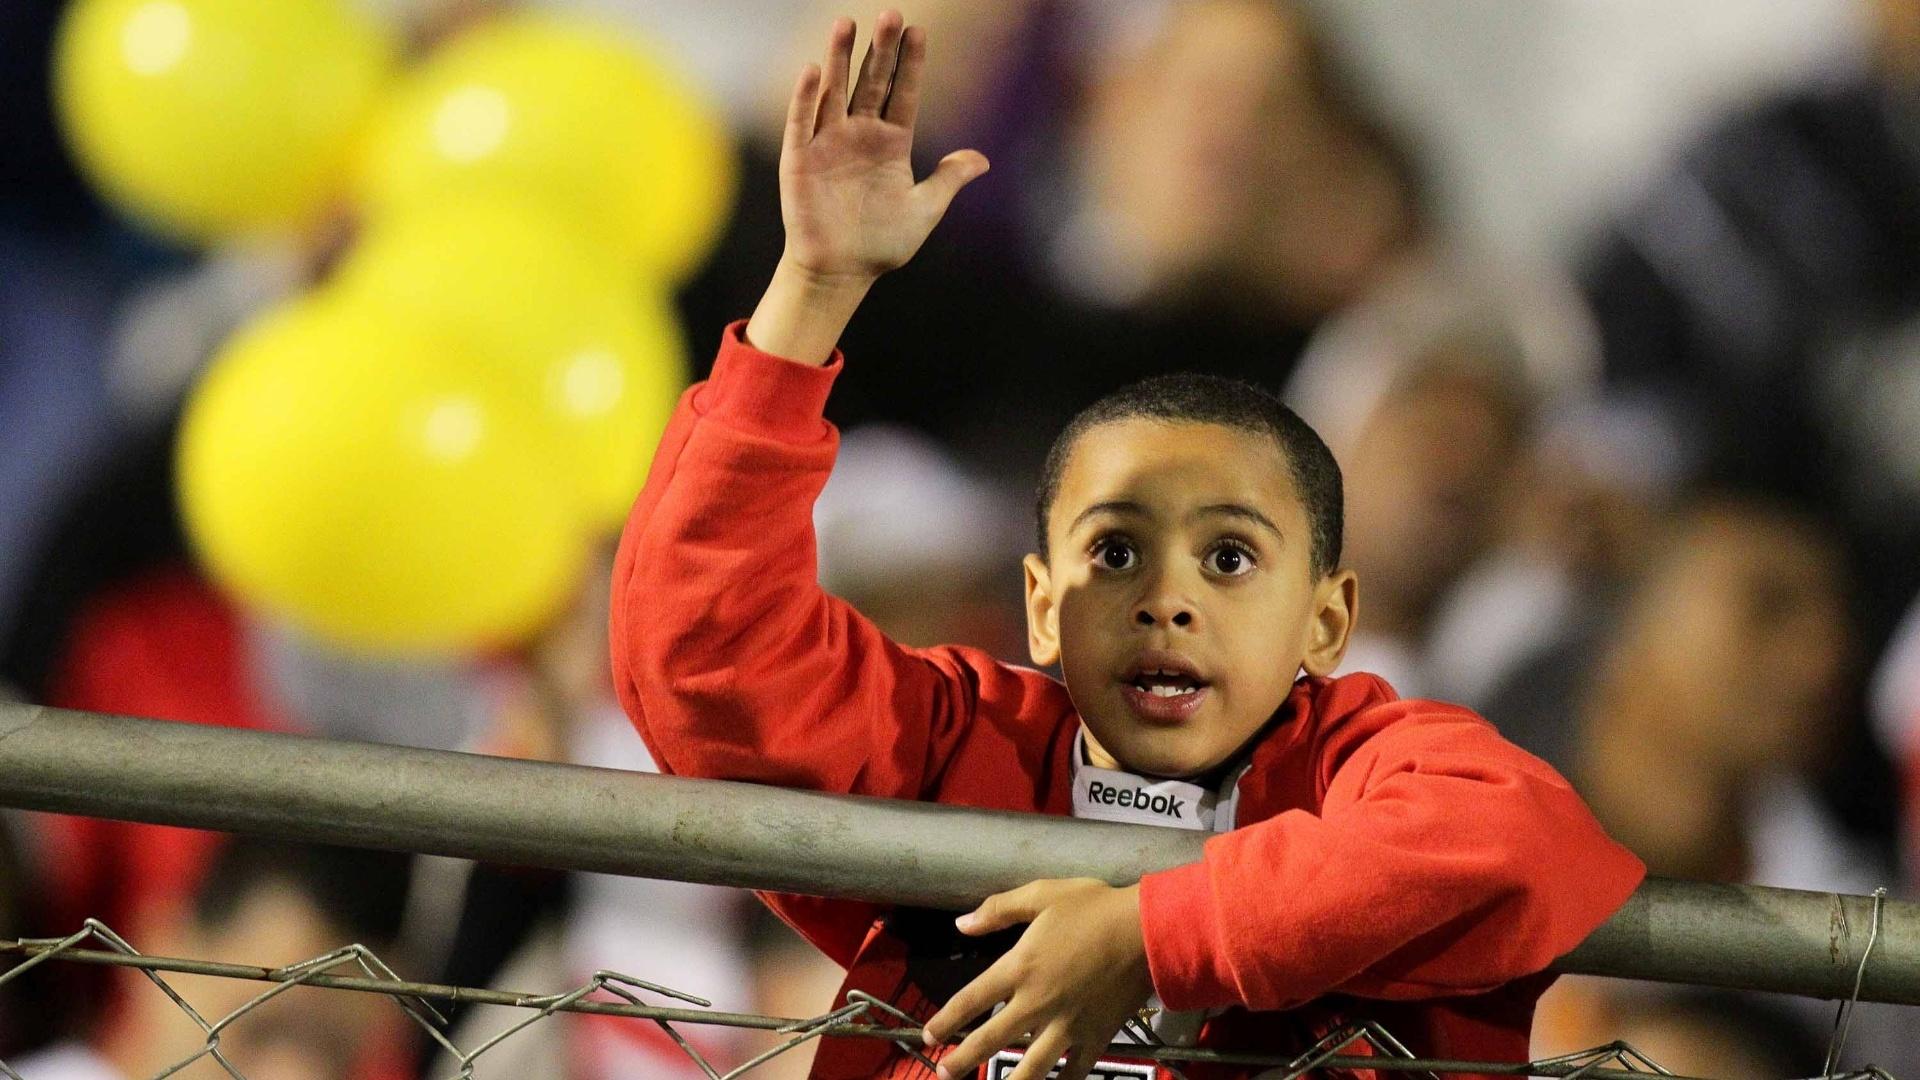 Jovem são-paulino incentiva equipe na partida contra a Portuguesa, no Canindé